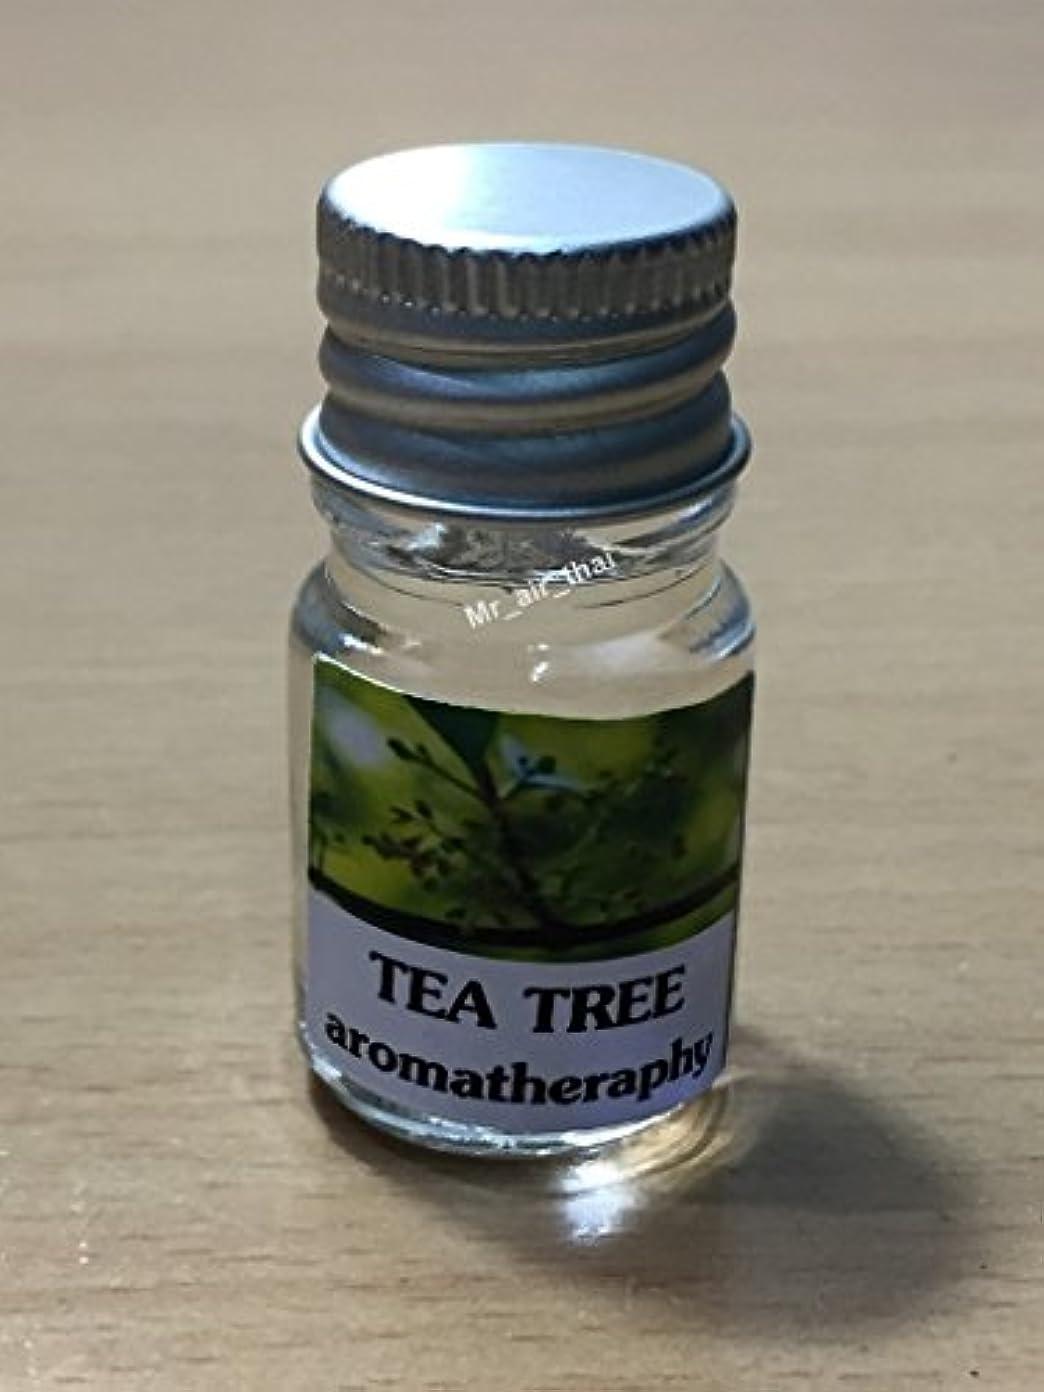 酸素恐怖症天気5ミリリットルアロマティーツリーフランクインセンスエッセンシャルオイルボトルアロマテラピーオイル自然自然5ml Aroma Tea Tree Frankincense Essential Oil Bottles Aromatherapy...